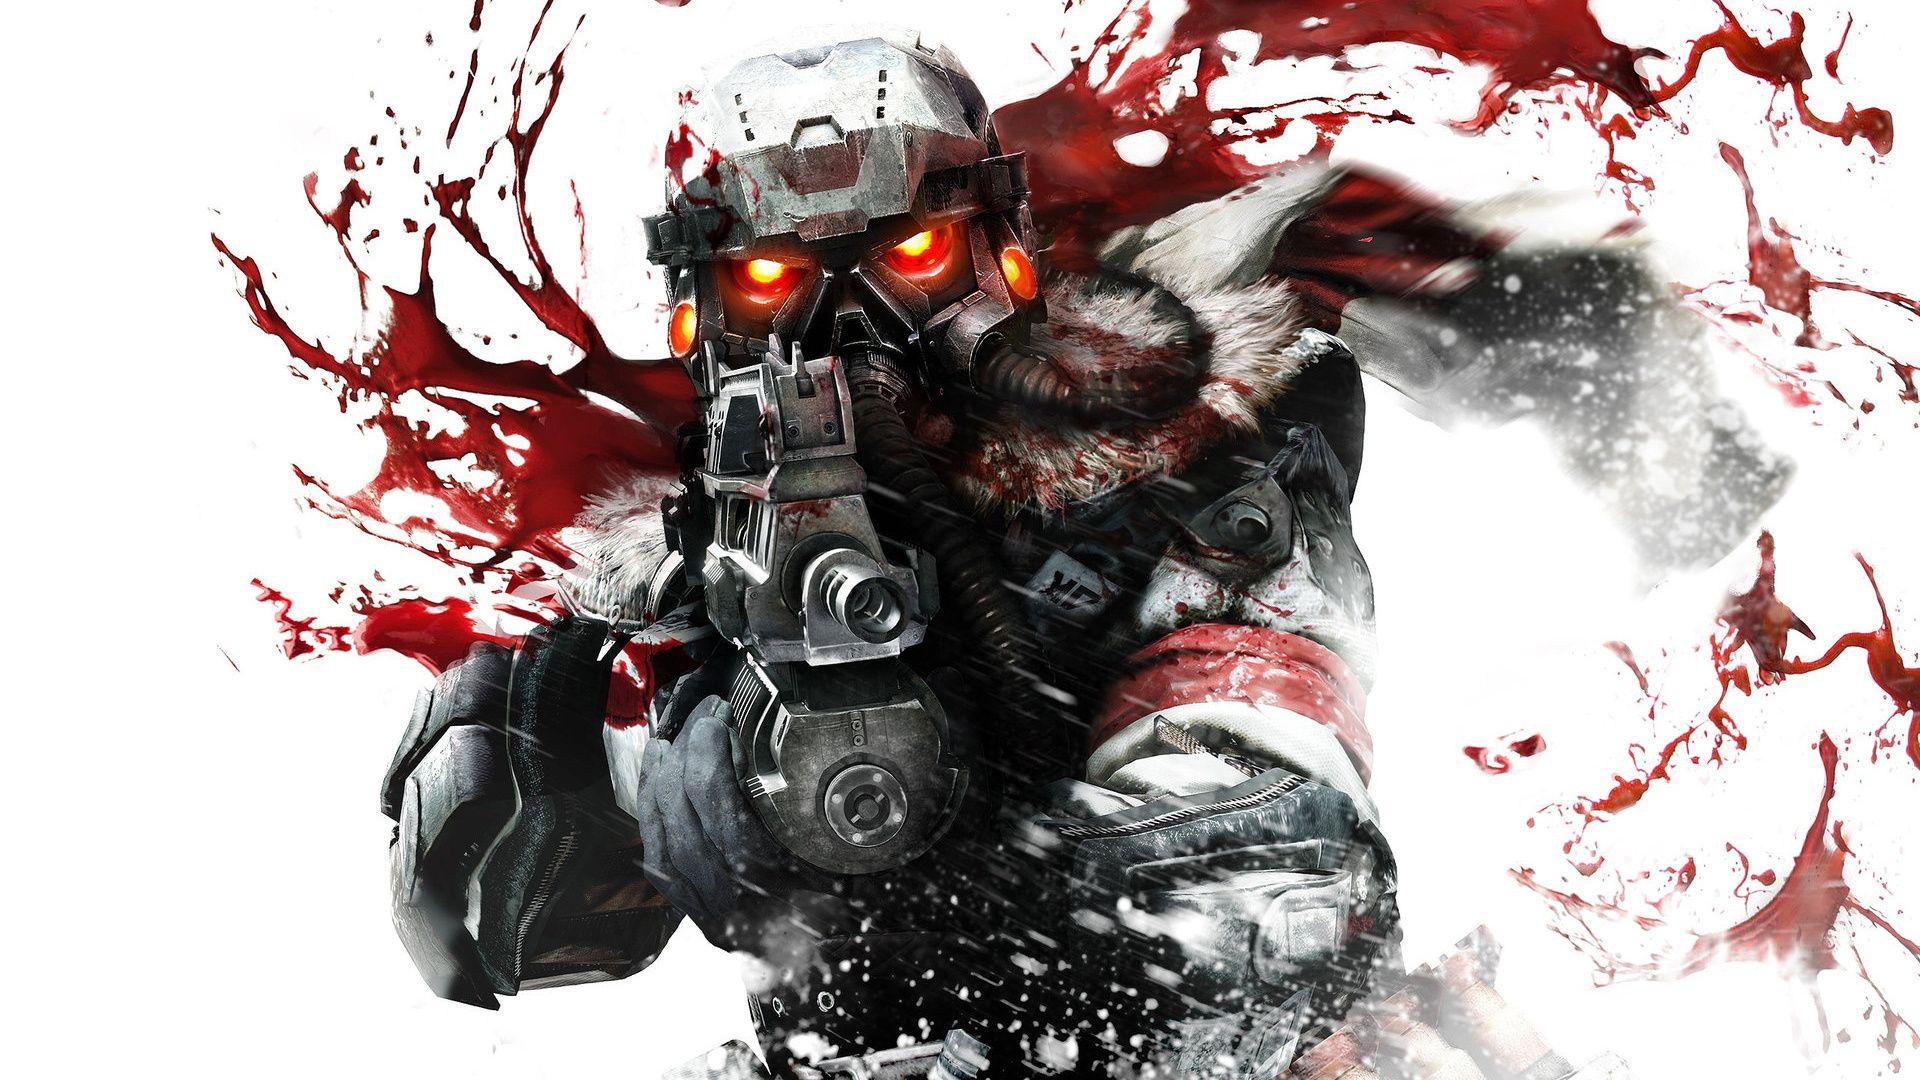 Kill Zone 3 Pc Game 1080p Hd Desktop Wallpaper Sa Game Art